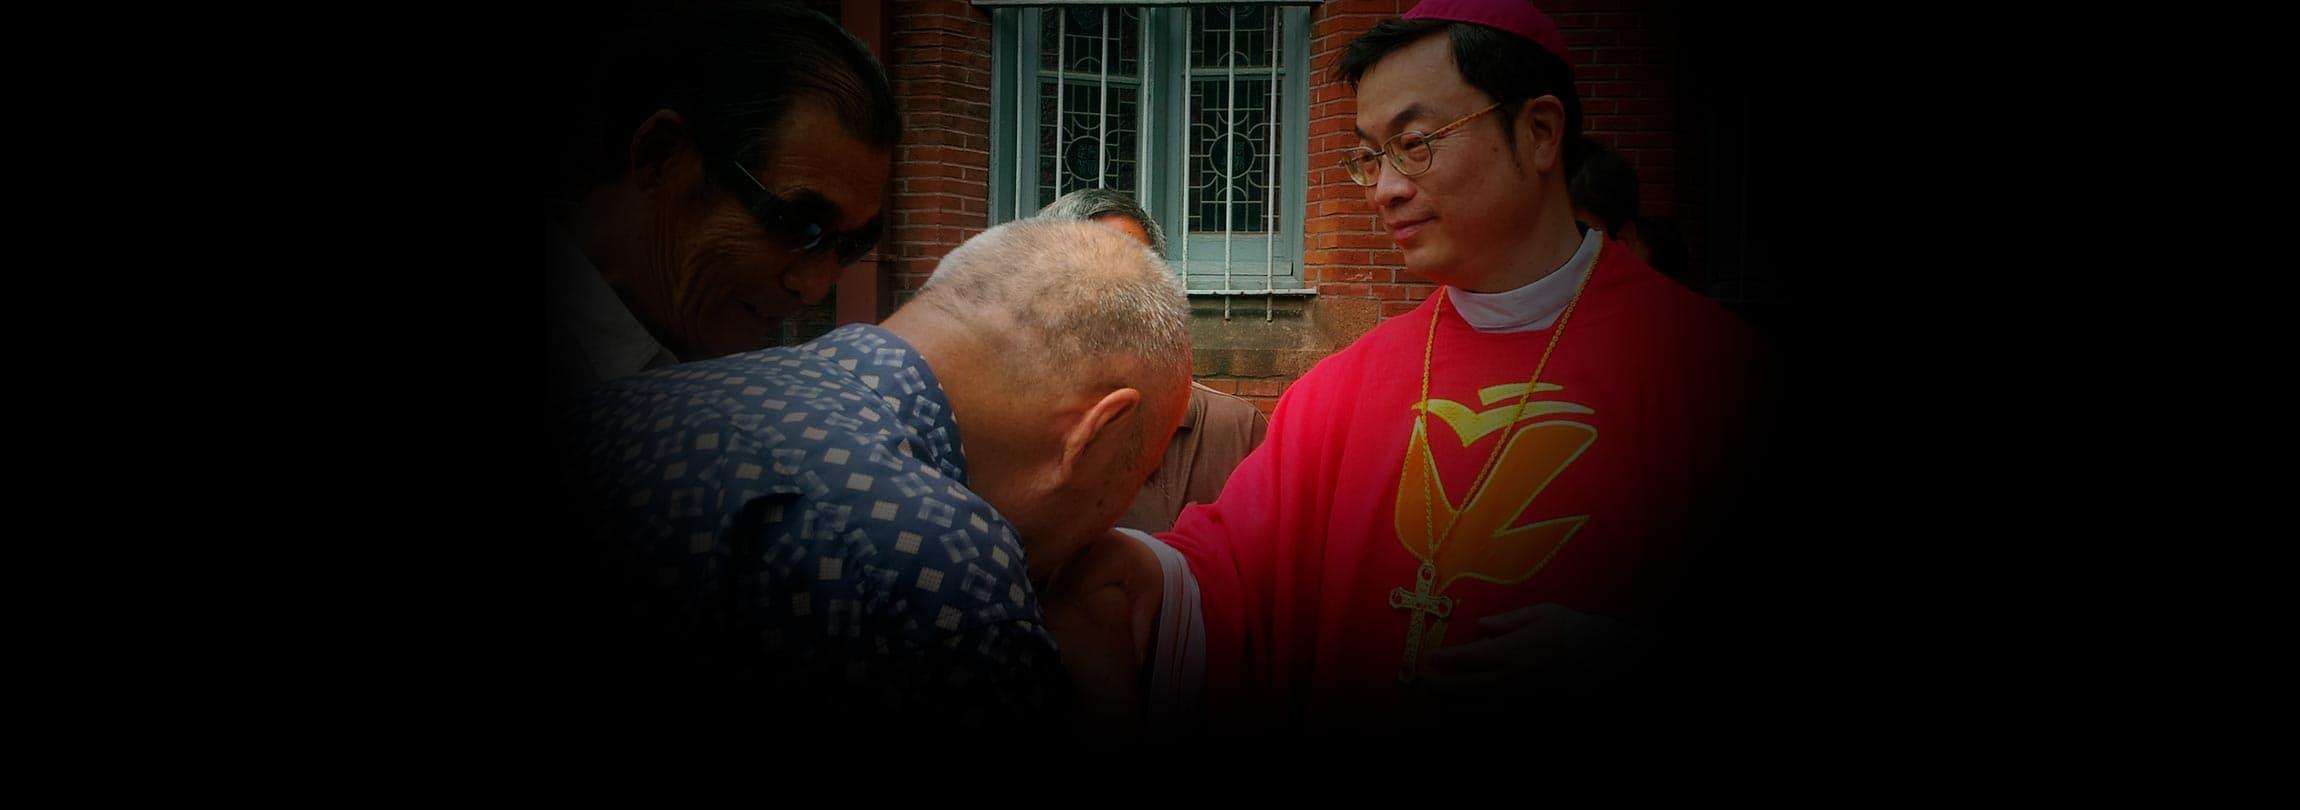 O corajoso Bispo de Xangai dá um comovente testemunho de fé